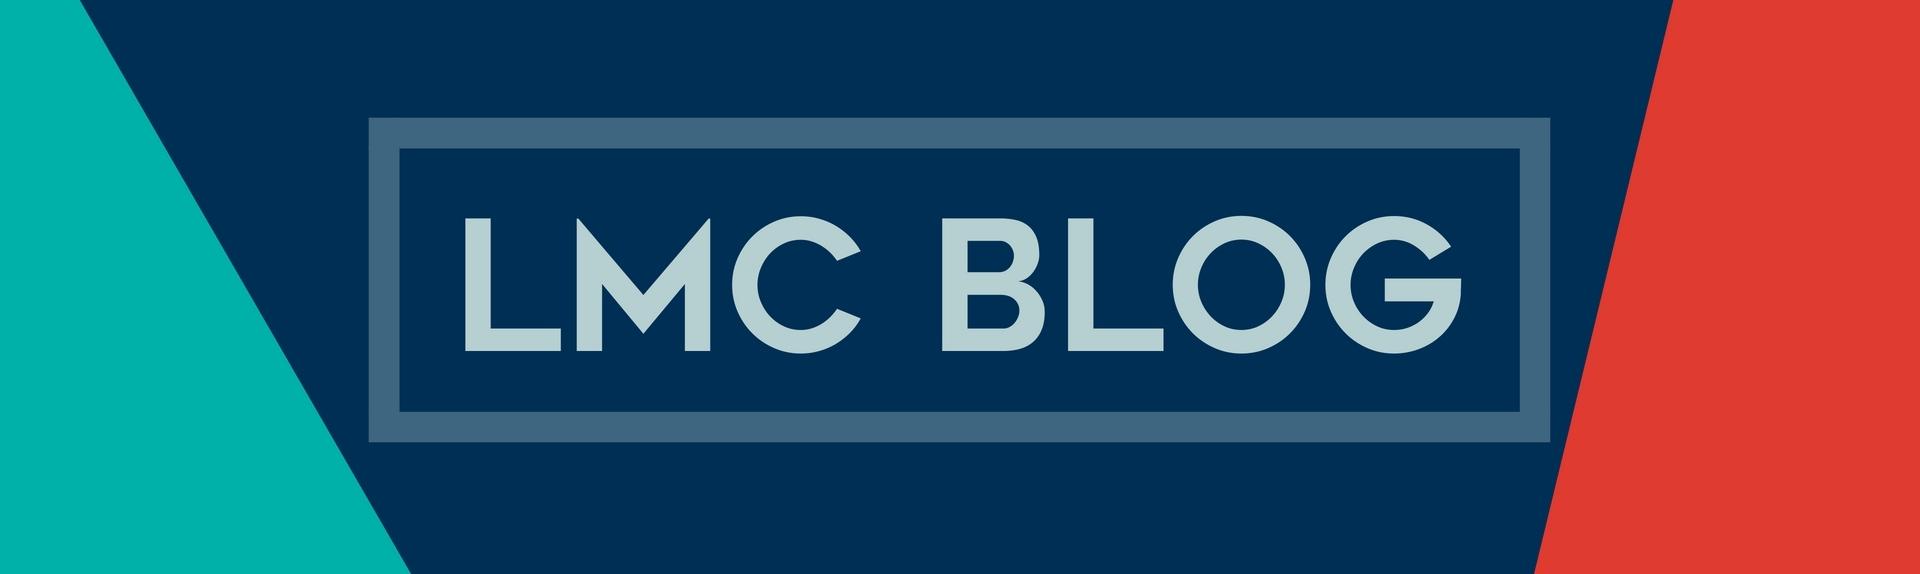 Blog header 07212018.jpg